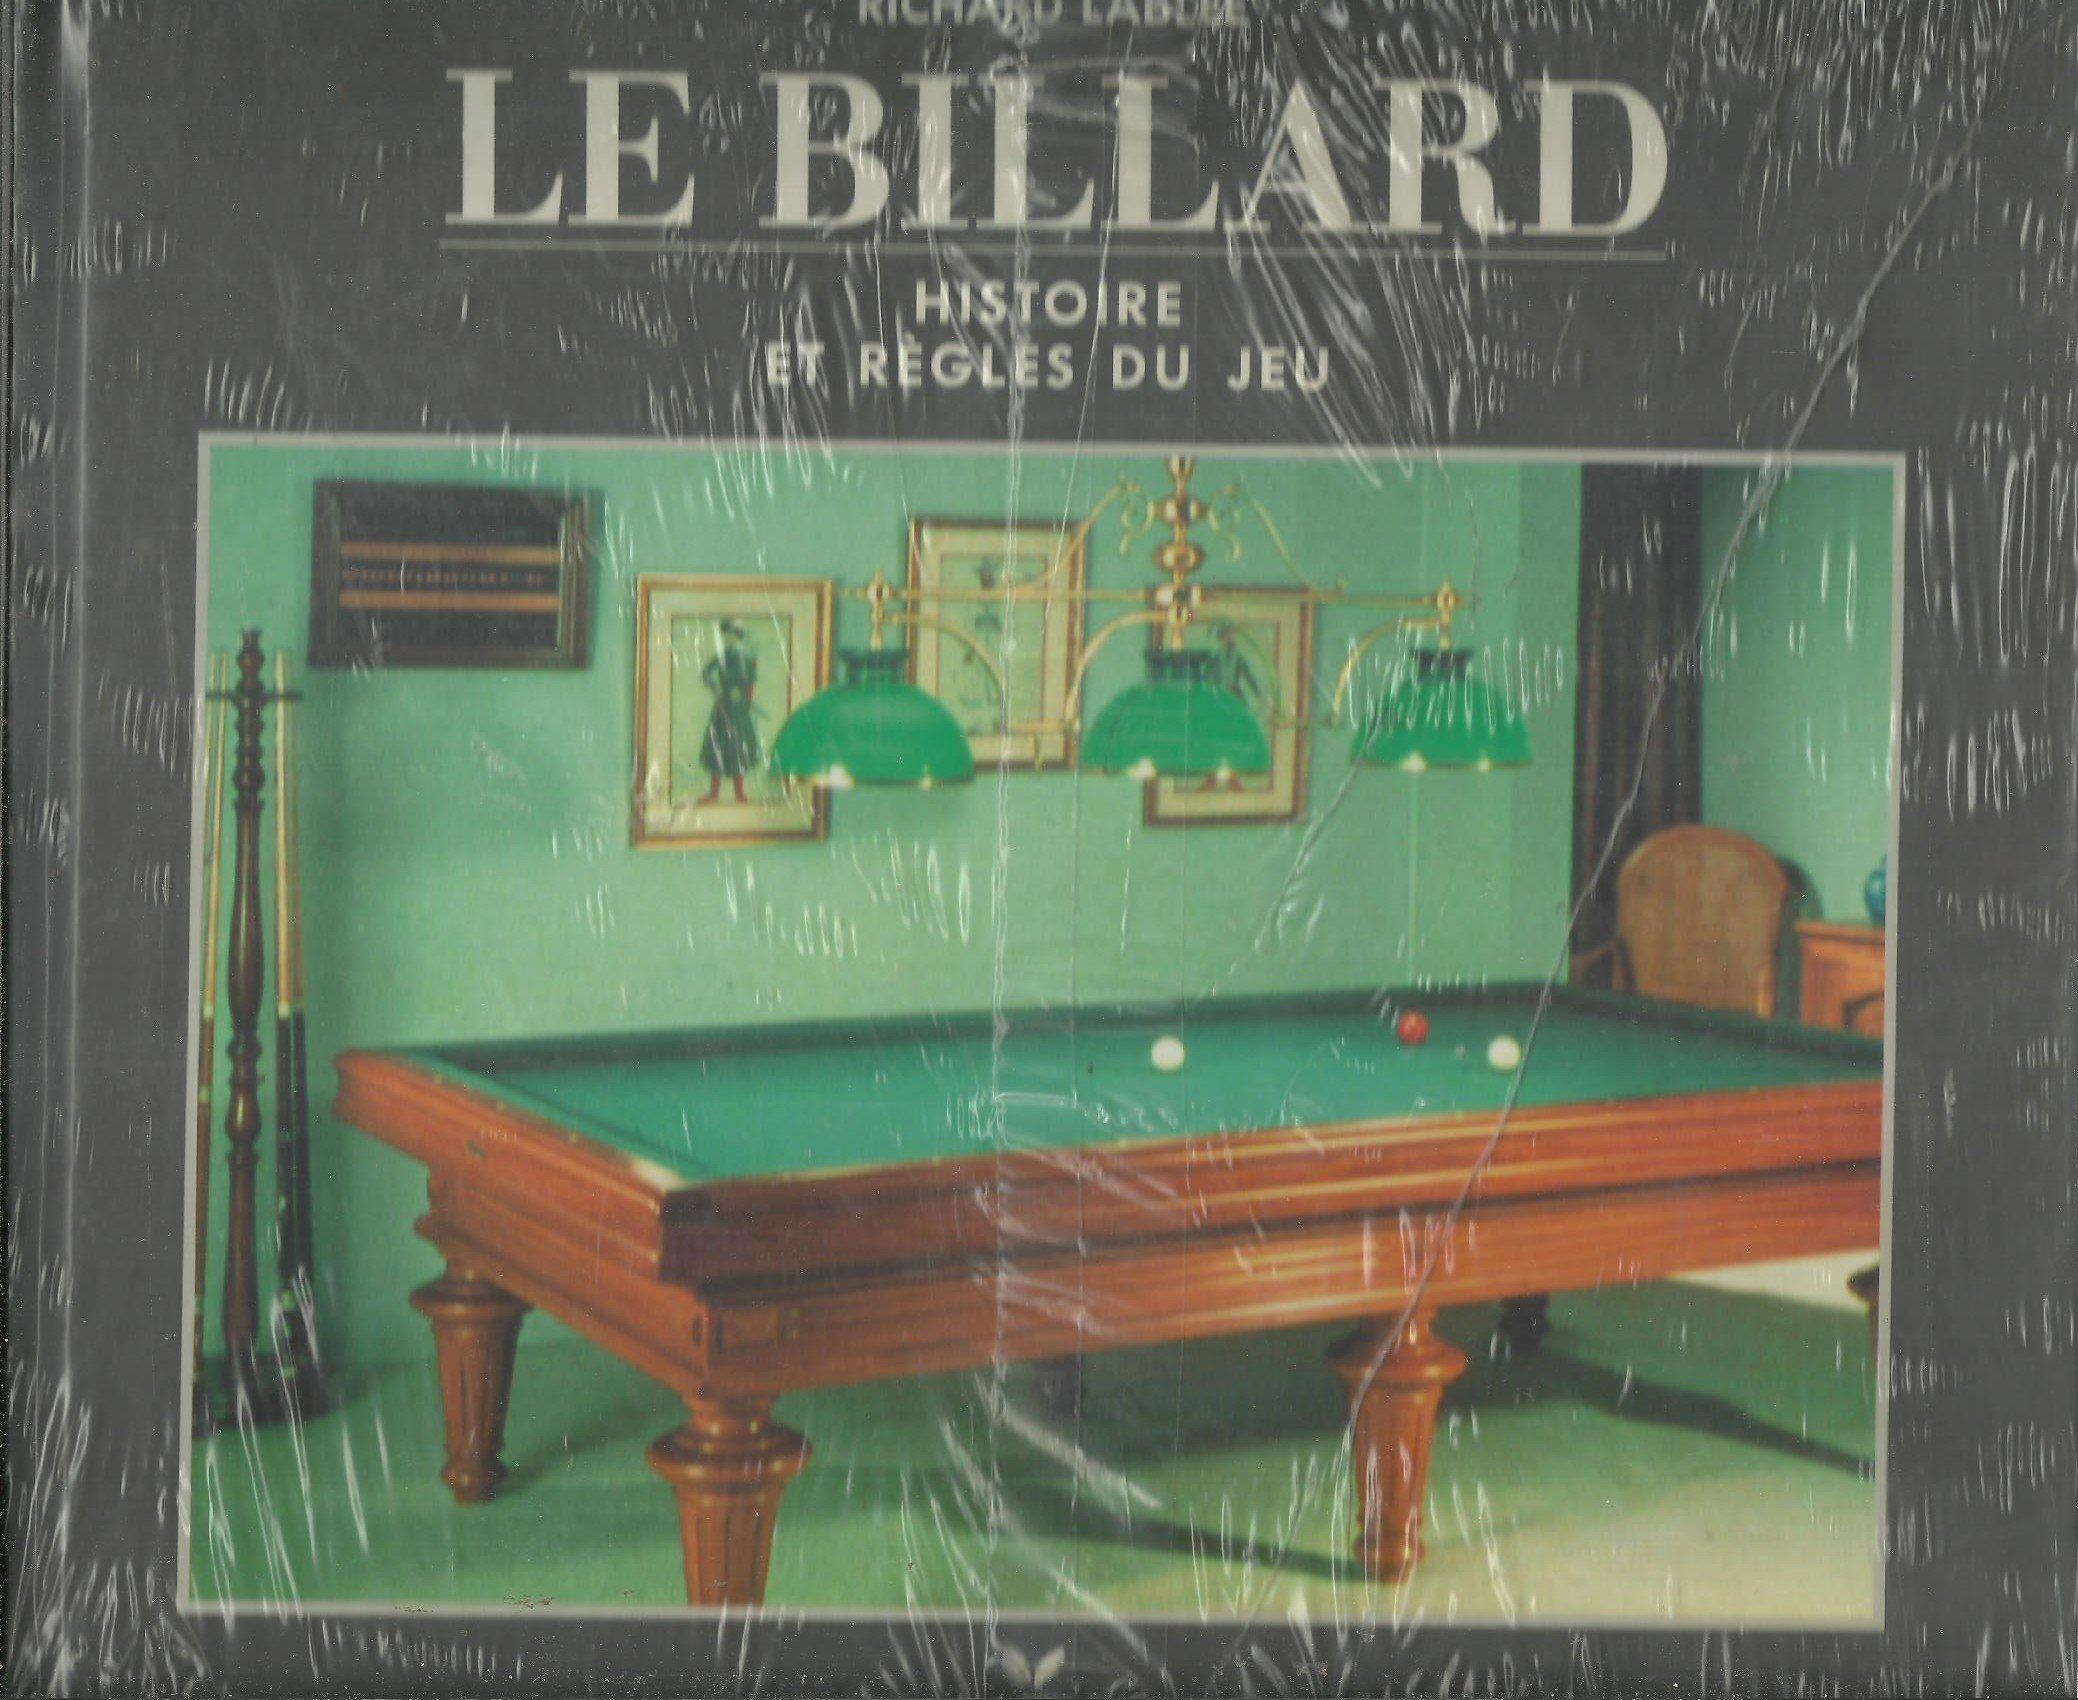 Le billard histoire et regles du jeu 120597 Cartonné – 20 novembre 1997 Hatier 2218022109